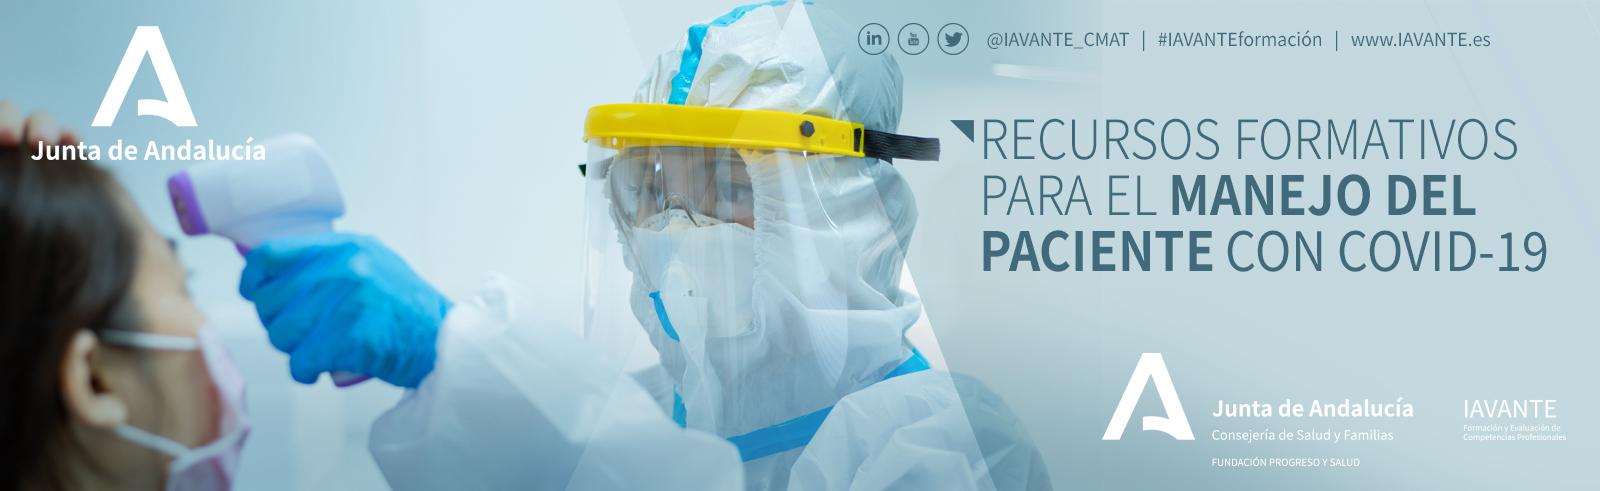 Recursos Formativos para el Manejo del Paciente con COVID-19